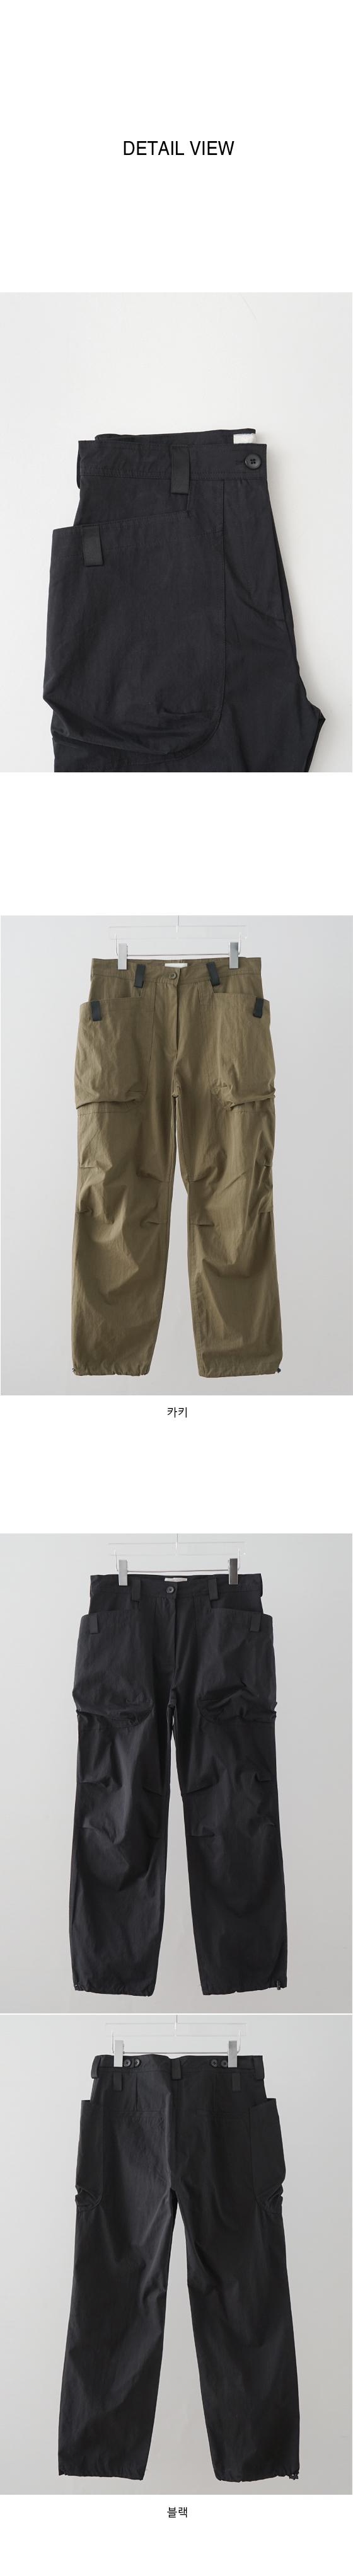 workwear detail cargo pants